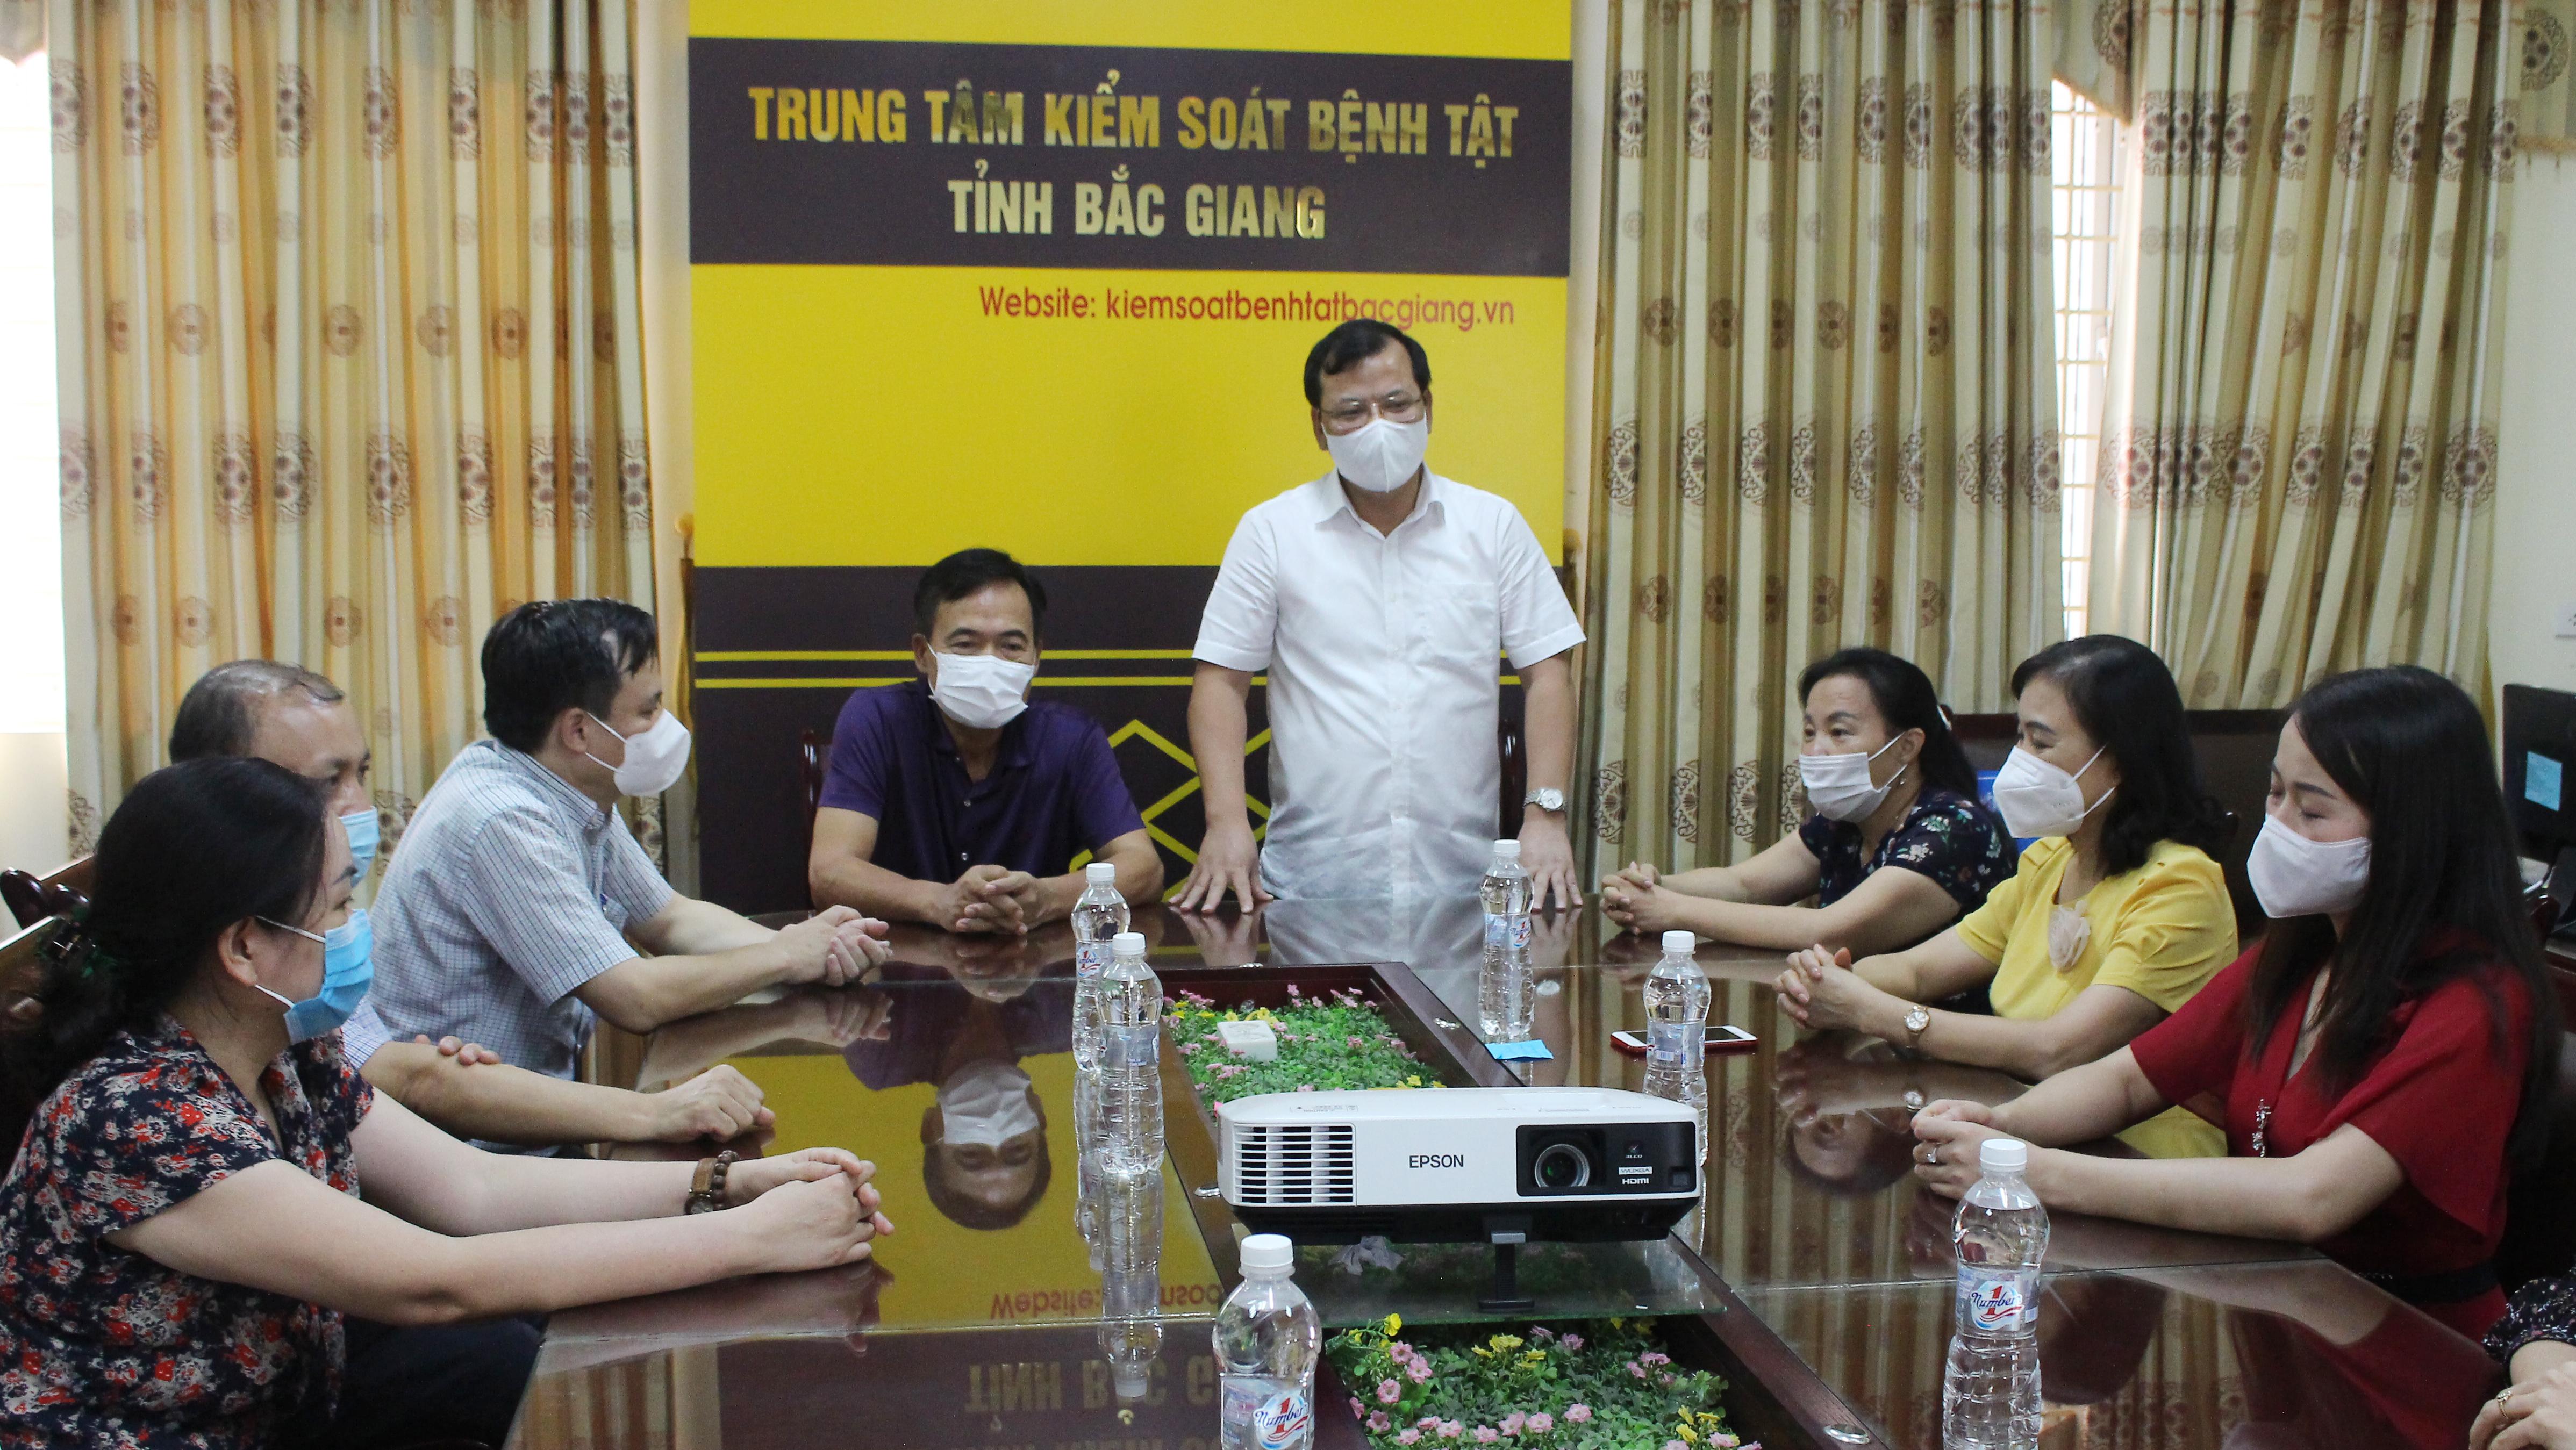 CDC tỉnh, thiết bị y tế, đồng chí Phan Thế Tuấn,  Trung tâm kiểm soát bệnh tật tỉnh Bắc Giang